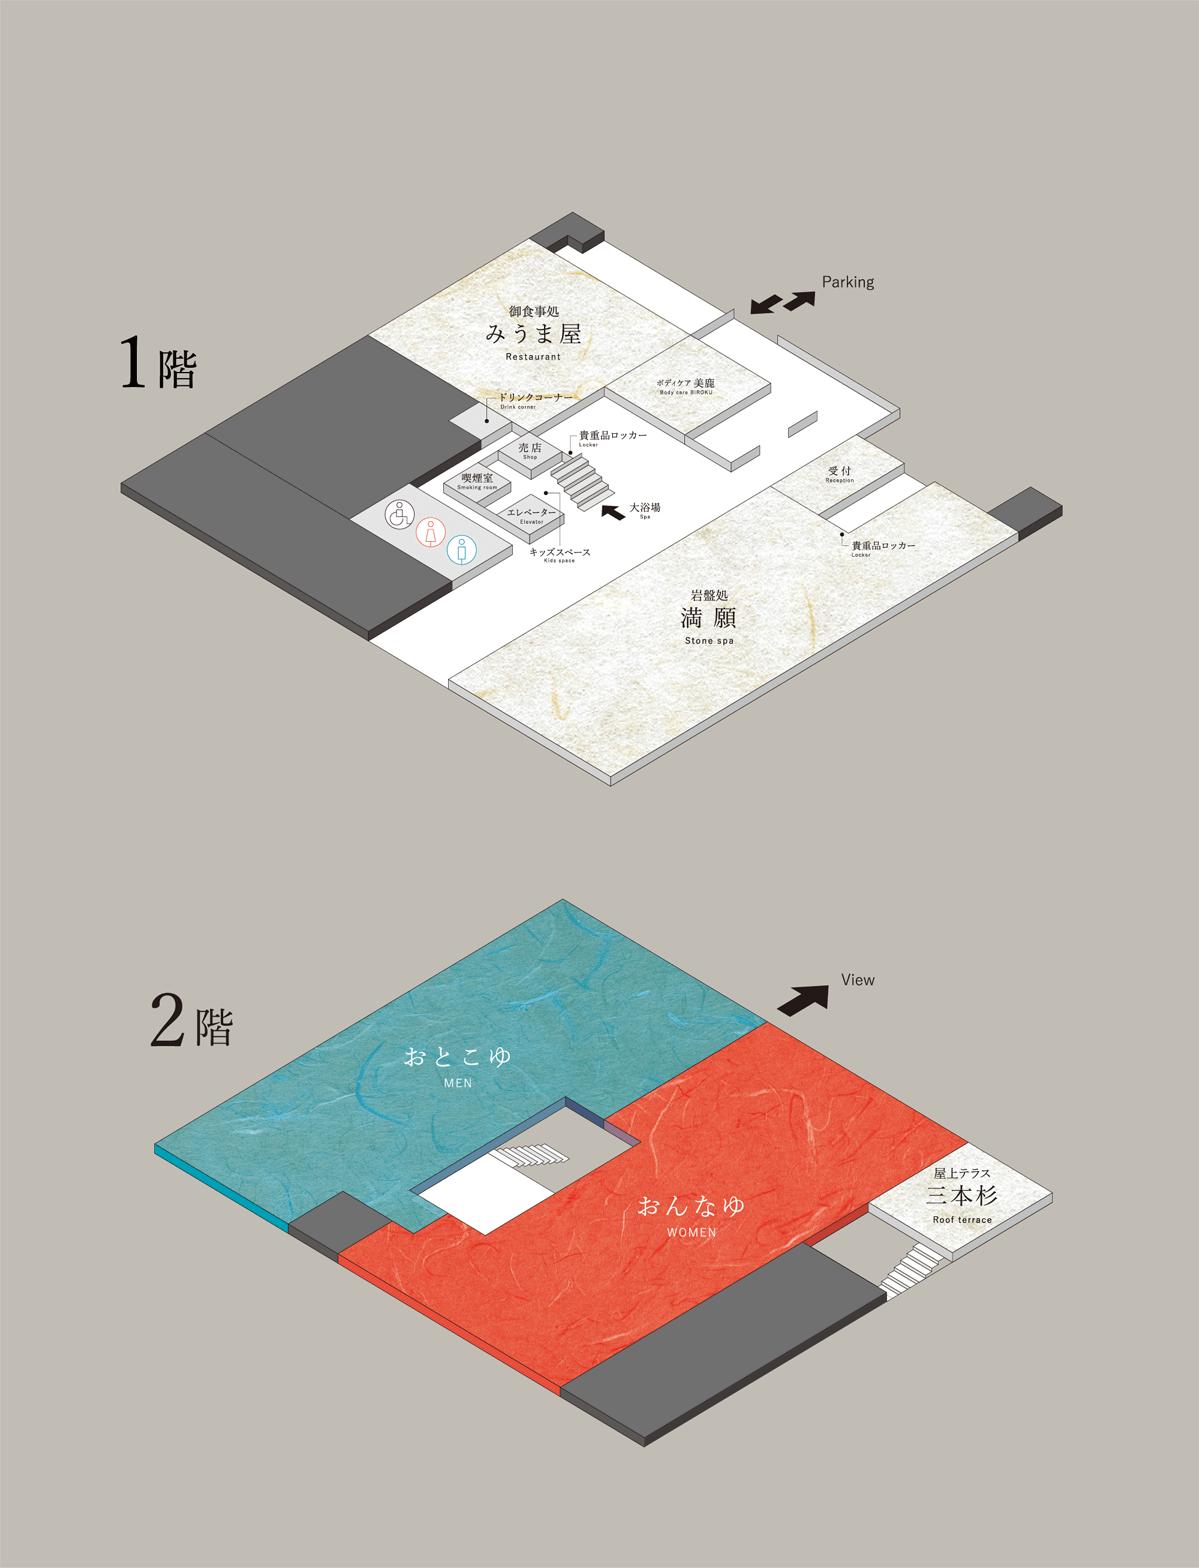 館内図(1階 エントランス、岩盤浴「満願」、御食事処「みうま屋」 2階 天王平温泉「神馬の湯」、屋上テラス「三本杉」